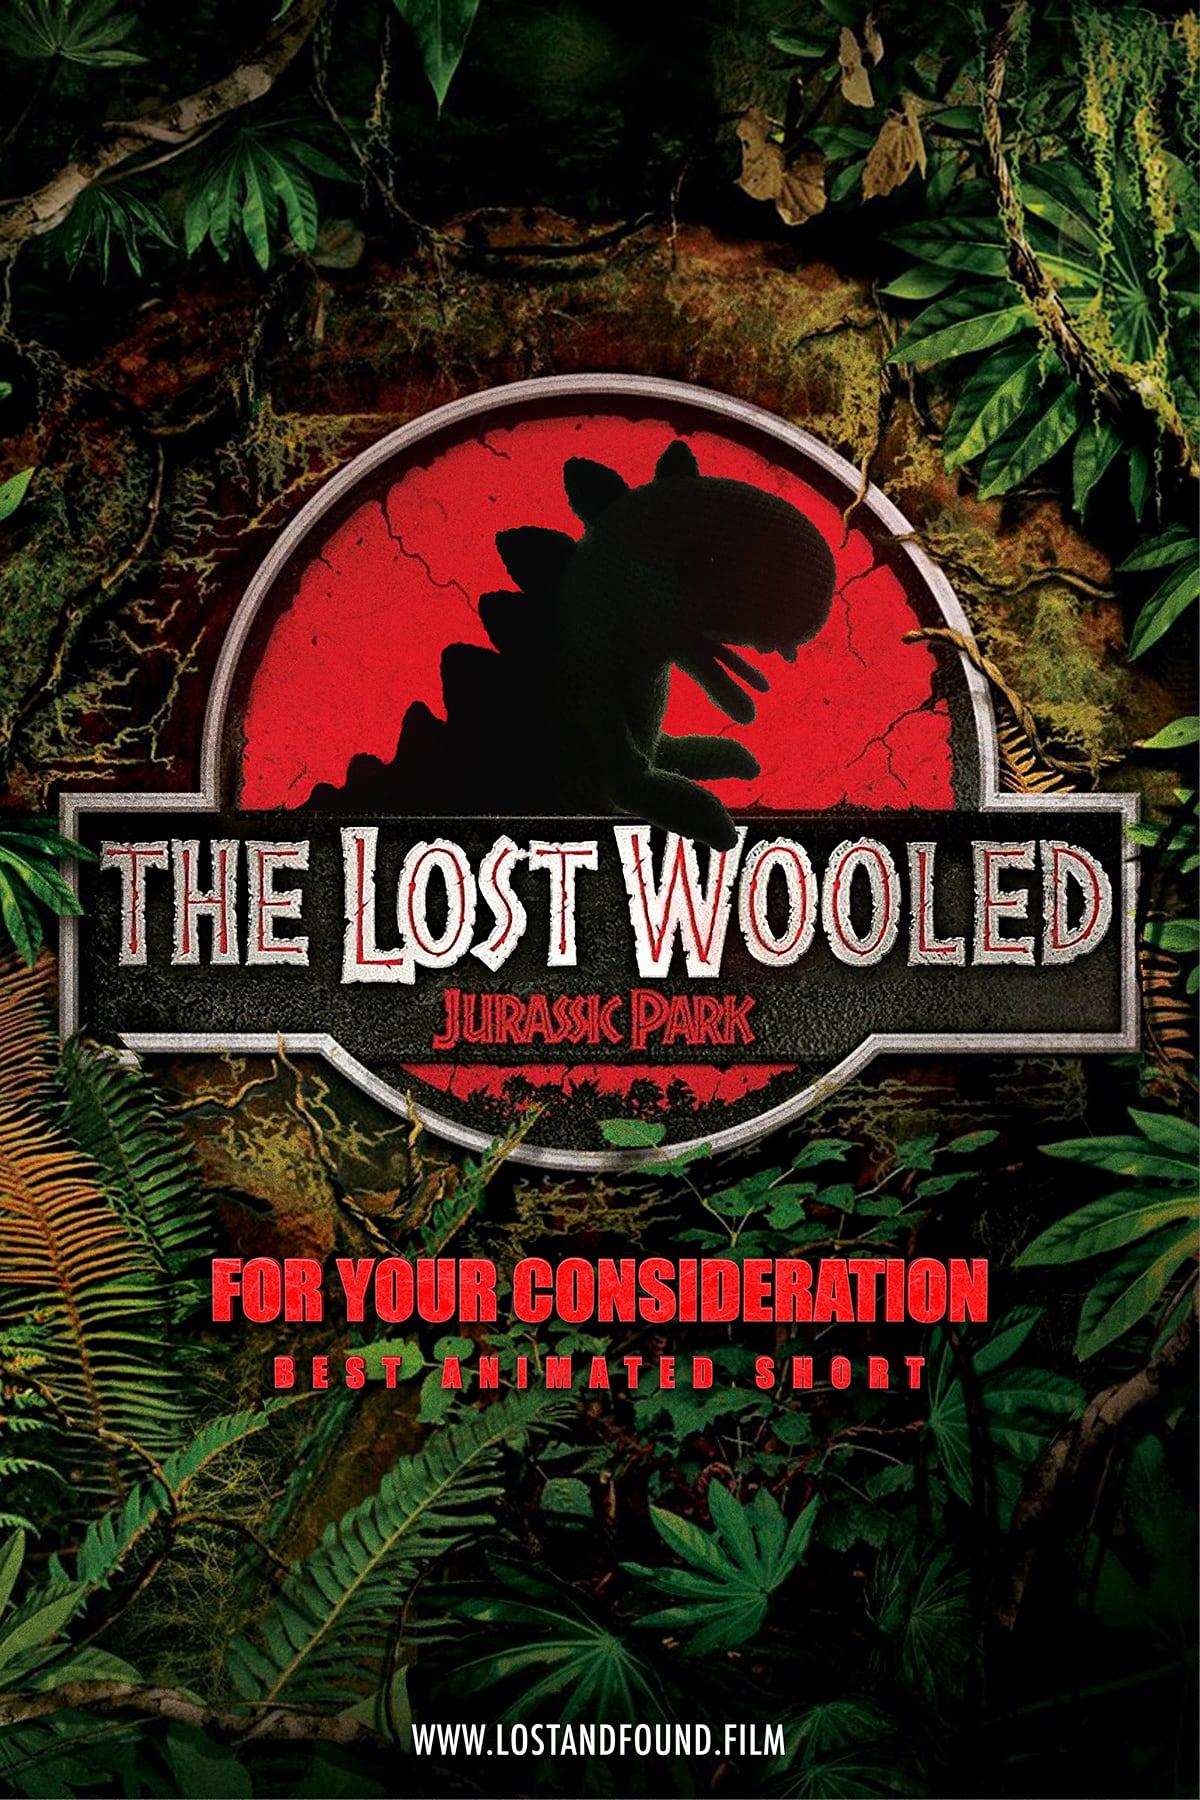 The Lost Wooled_v02-optimised.jpg